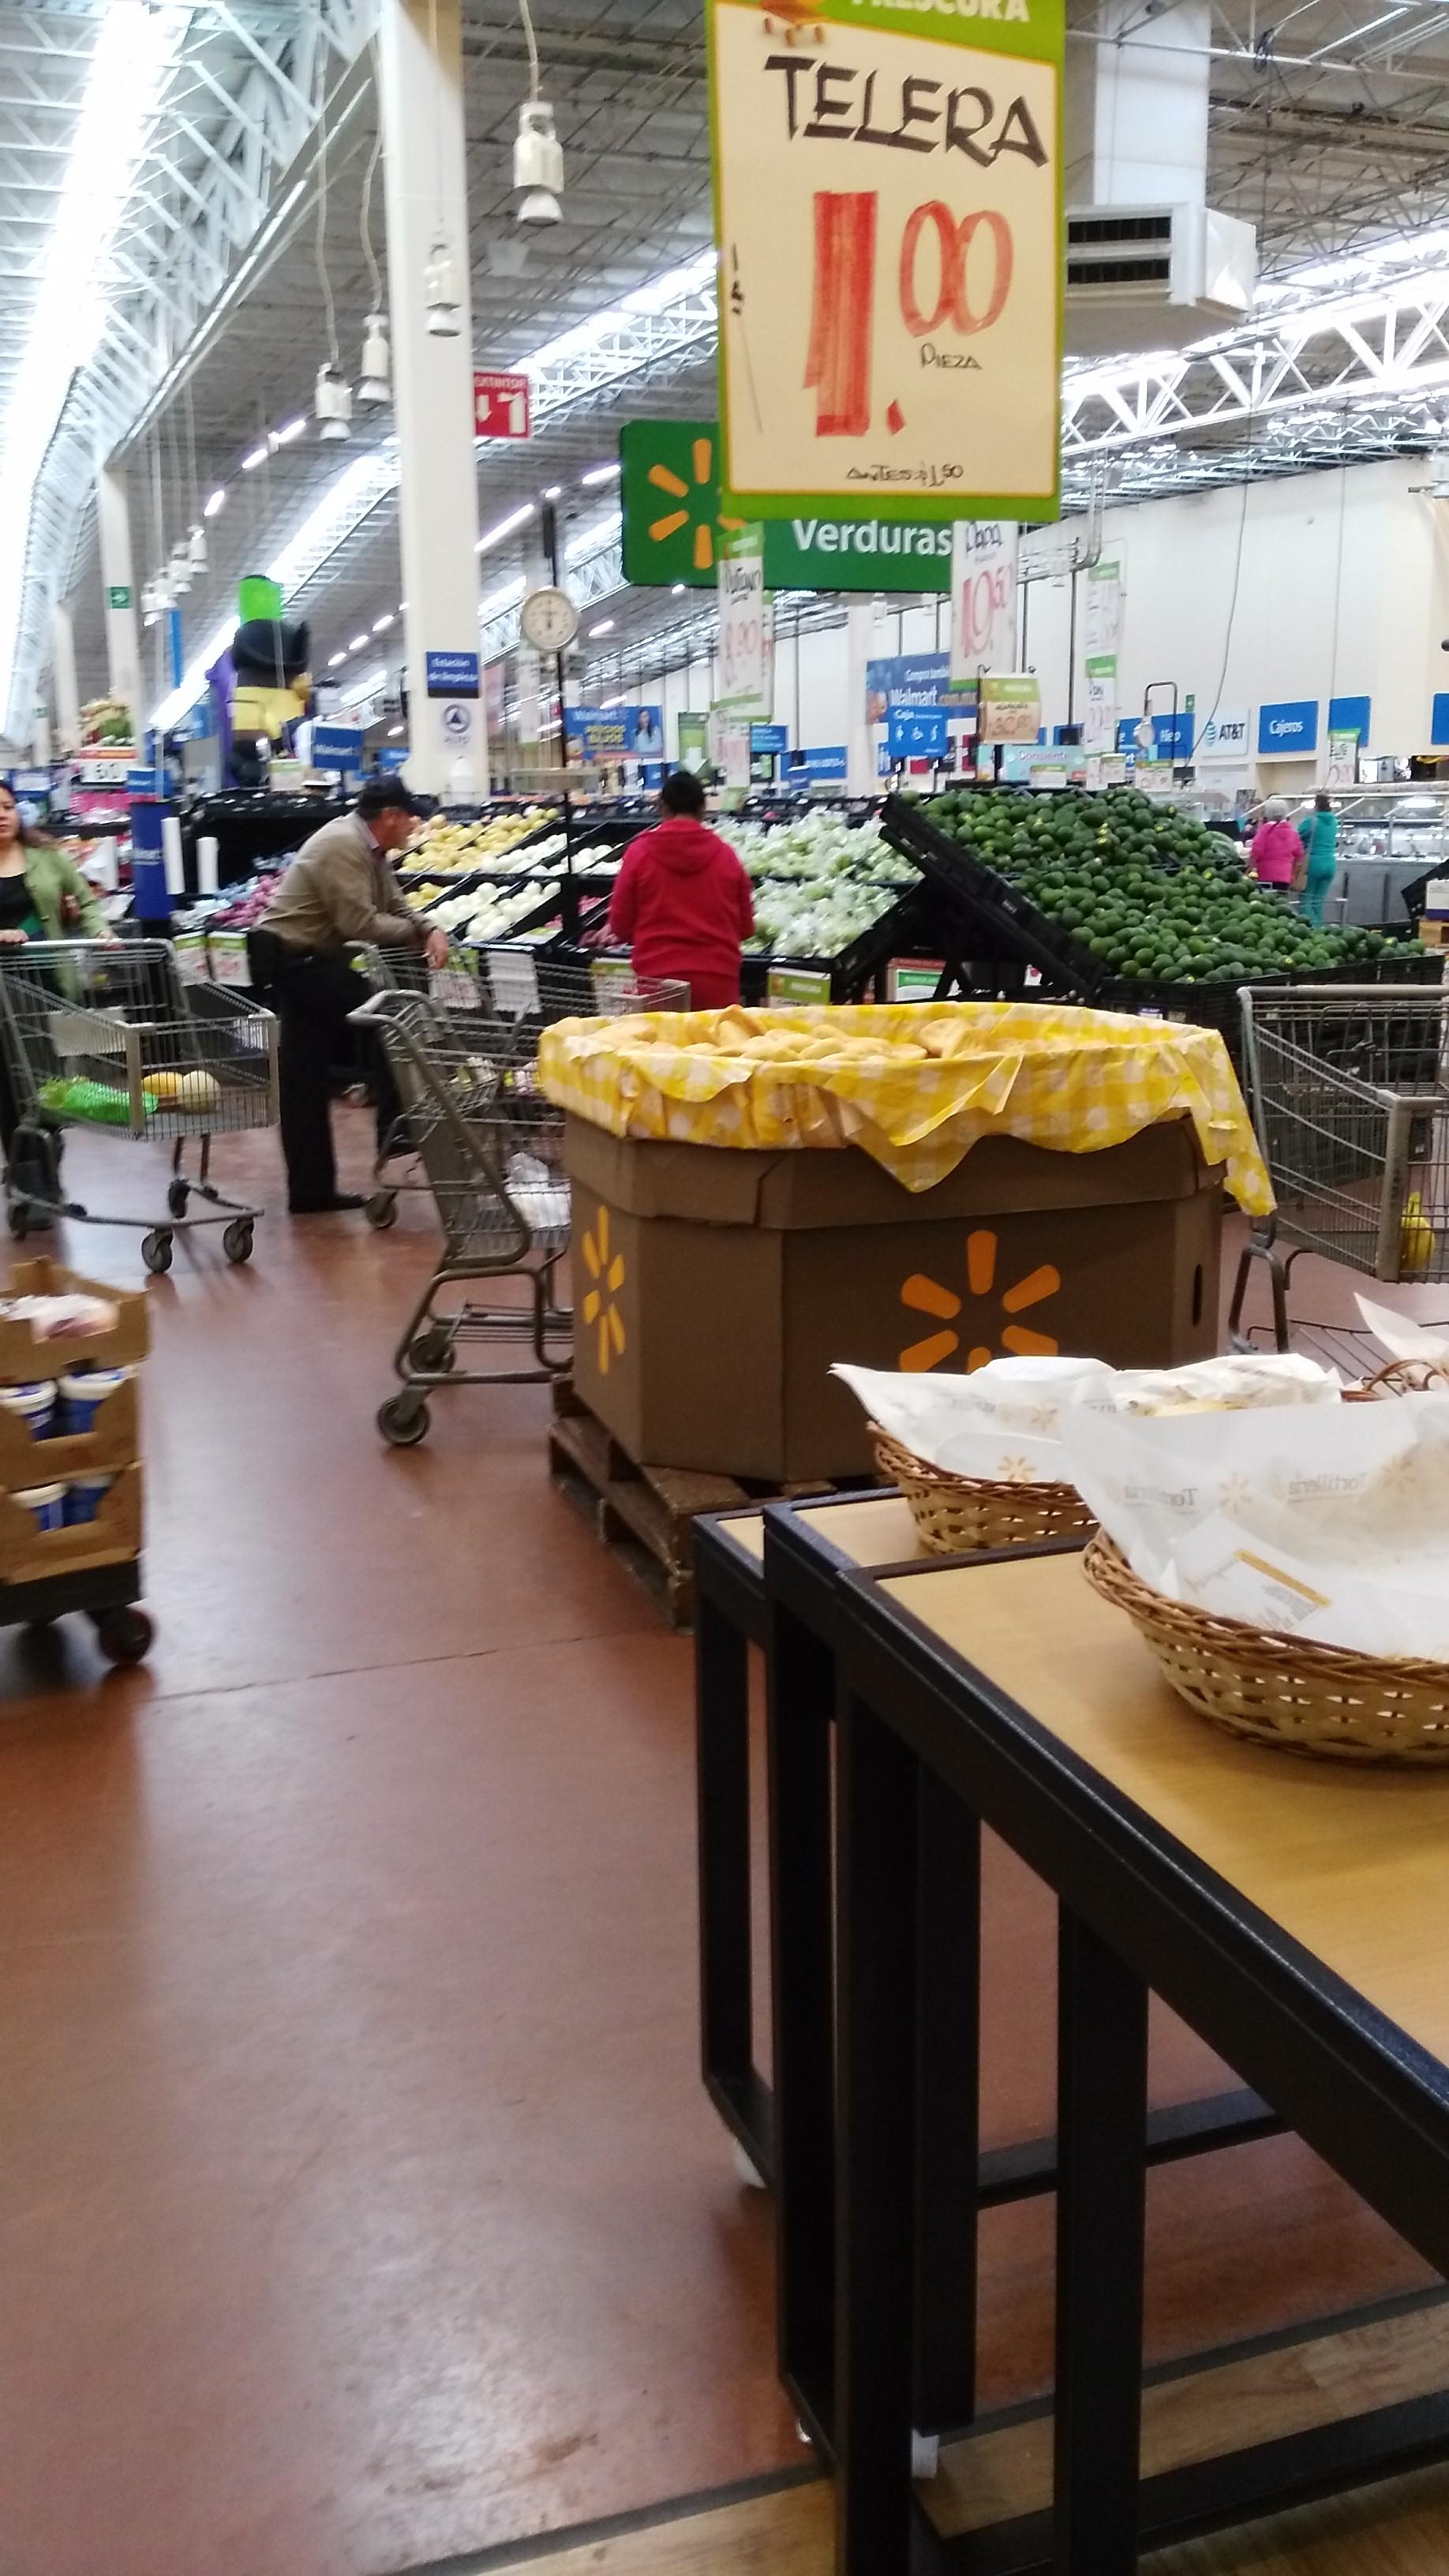 Walmart Las Flores: Telera un peso